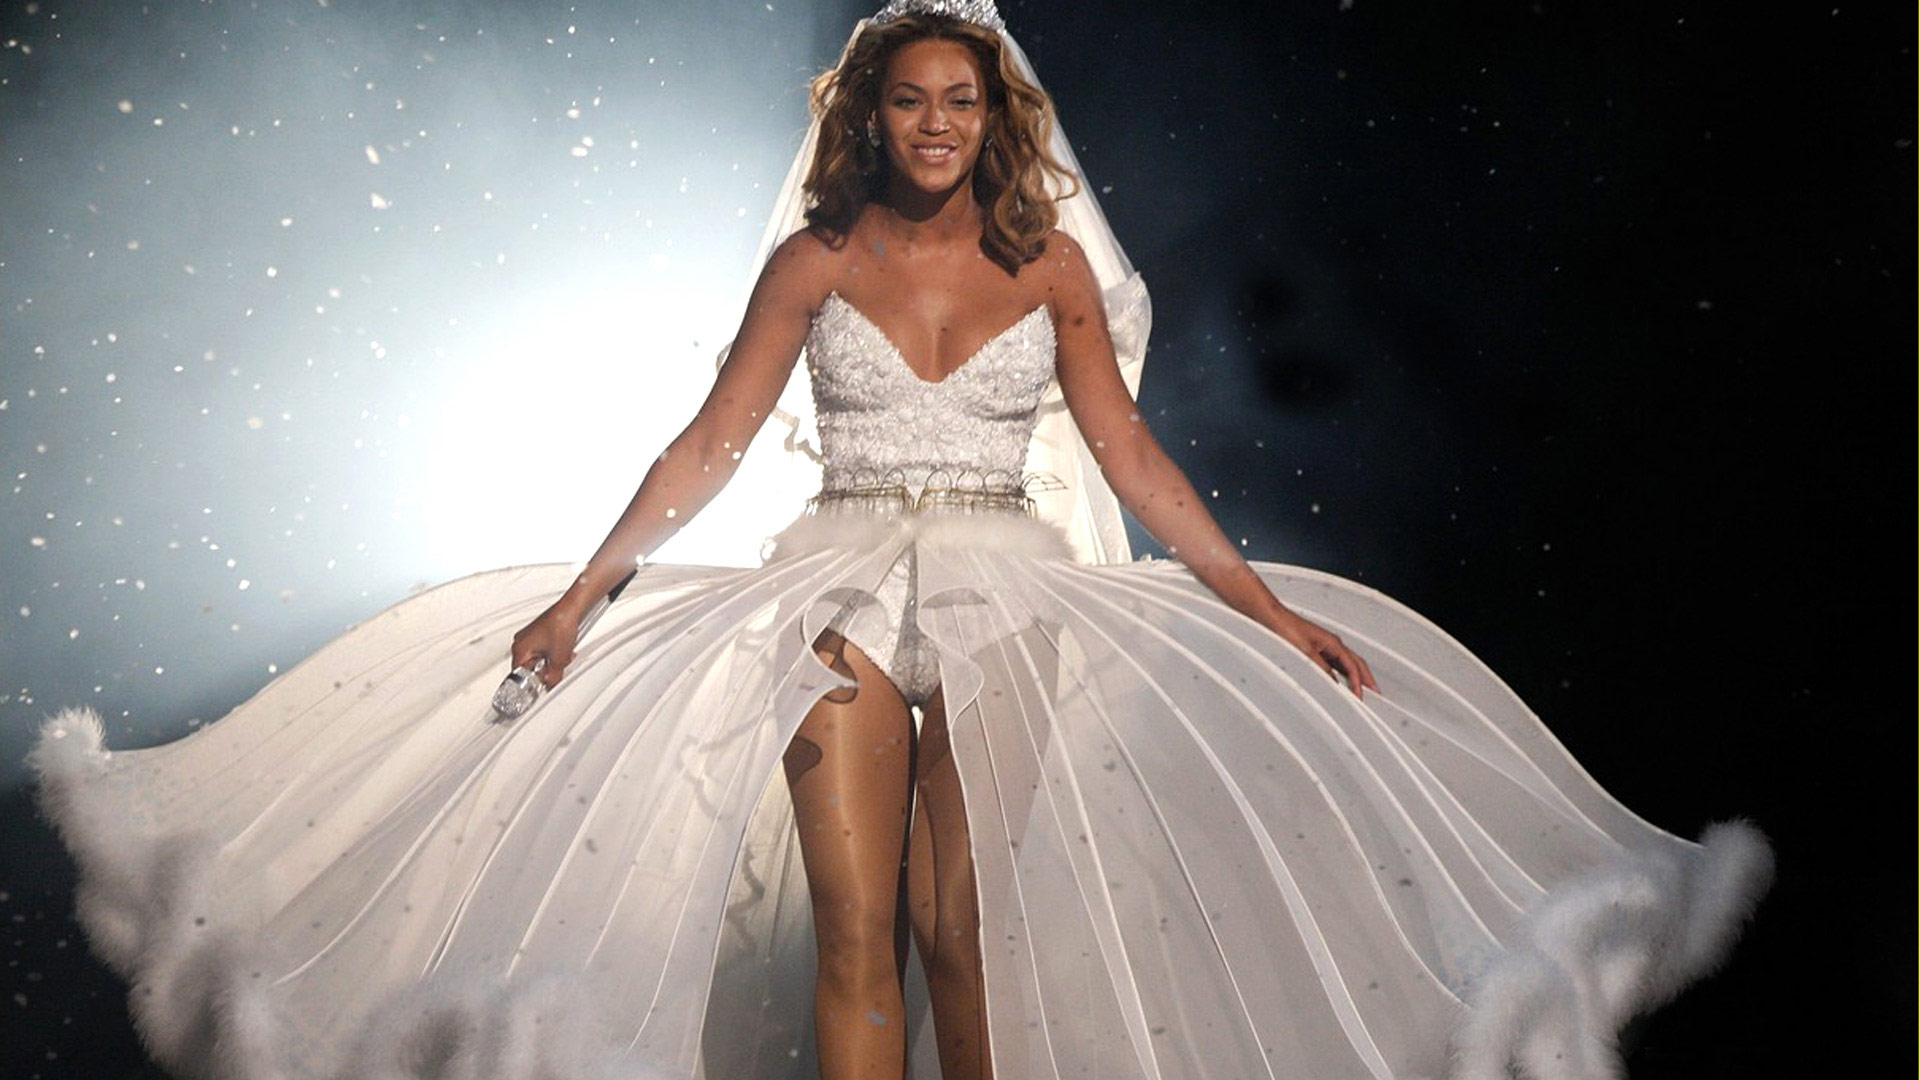 Секс с красоткой в свадебном платье 22 фотография